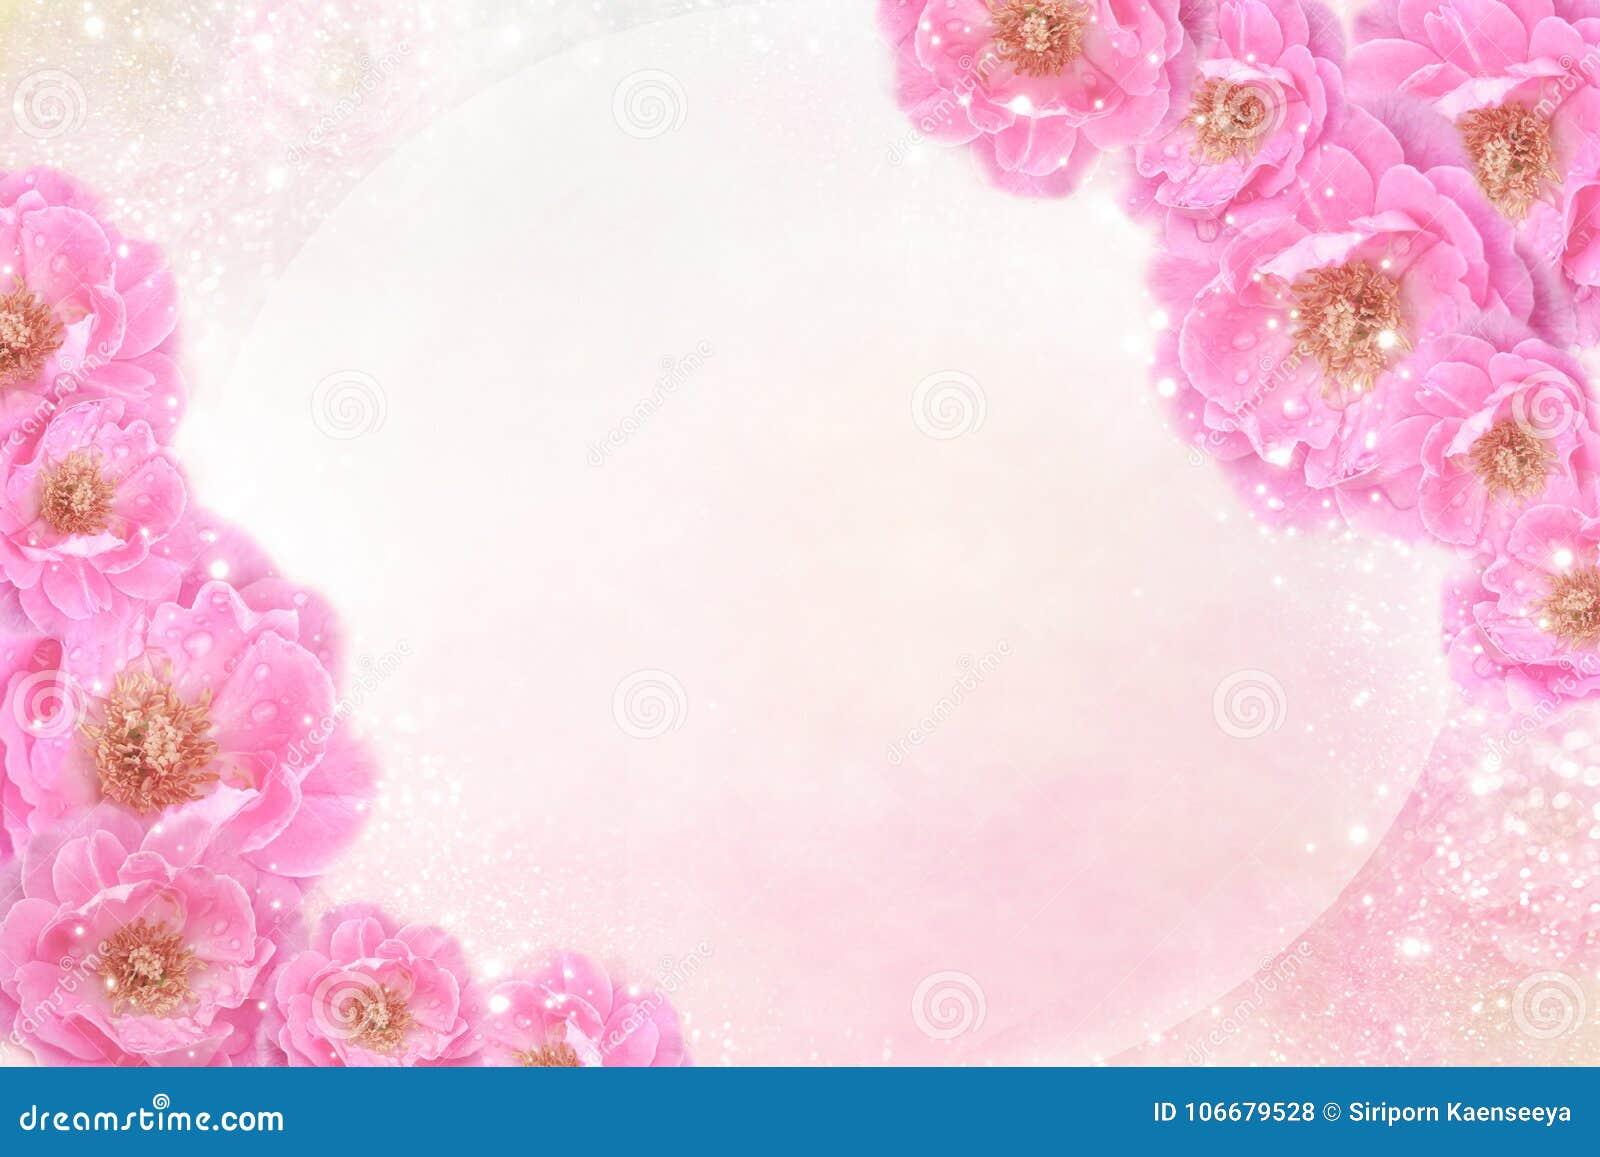 Las Rosas Rosadas Románticas Florecen La Frontera En El